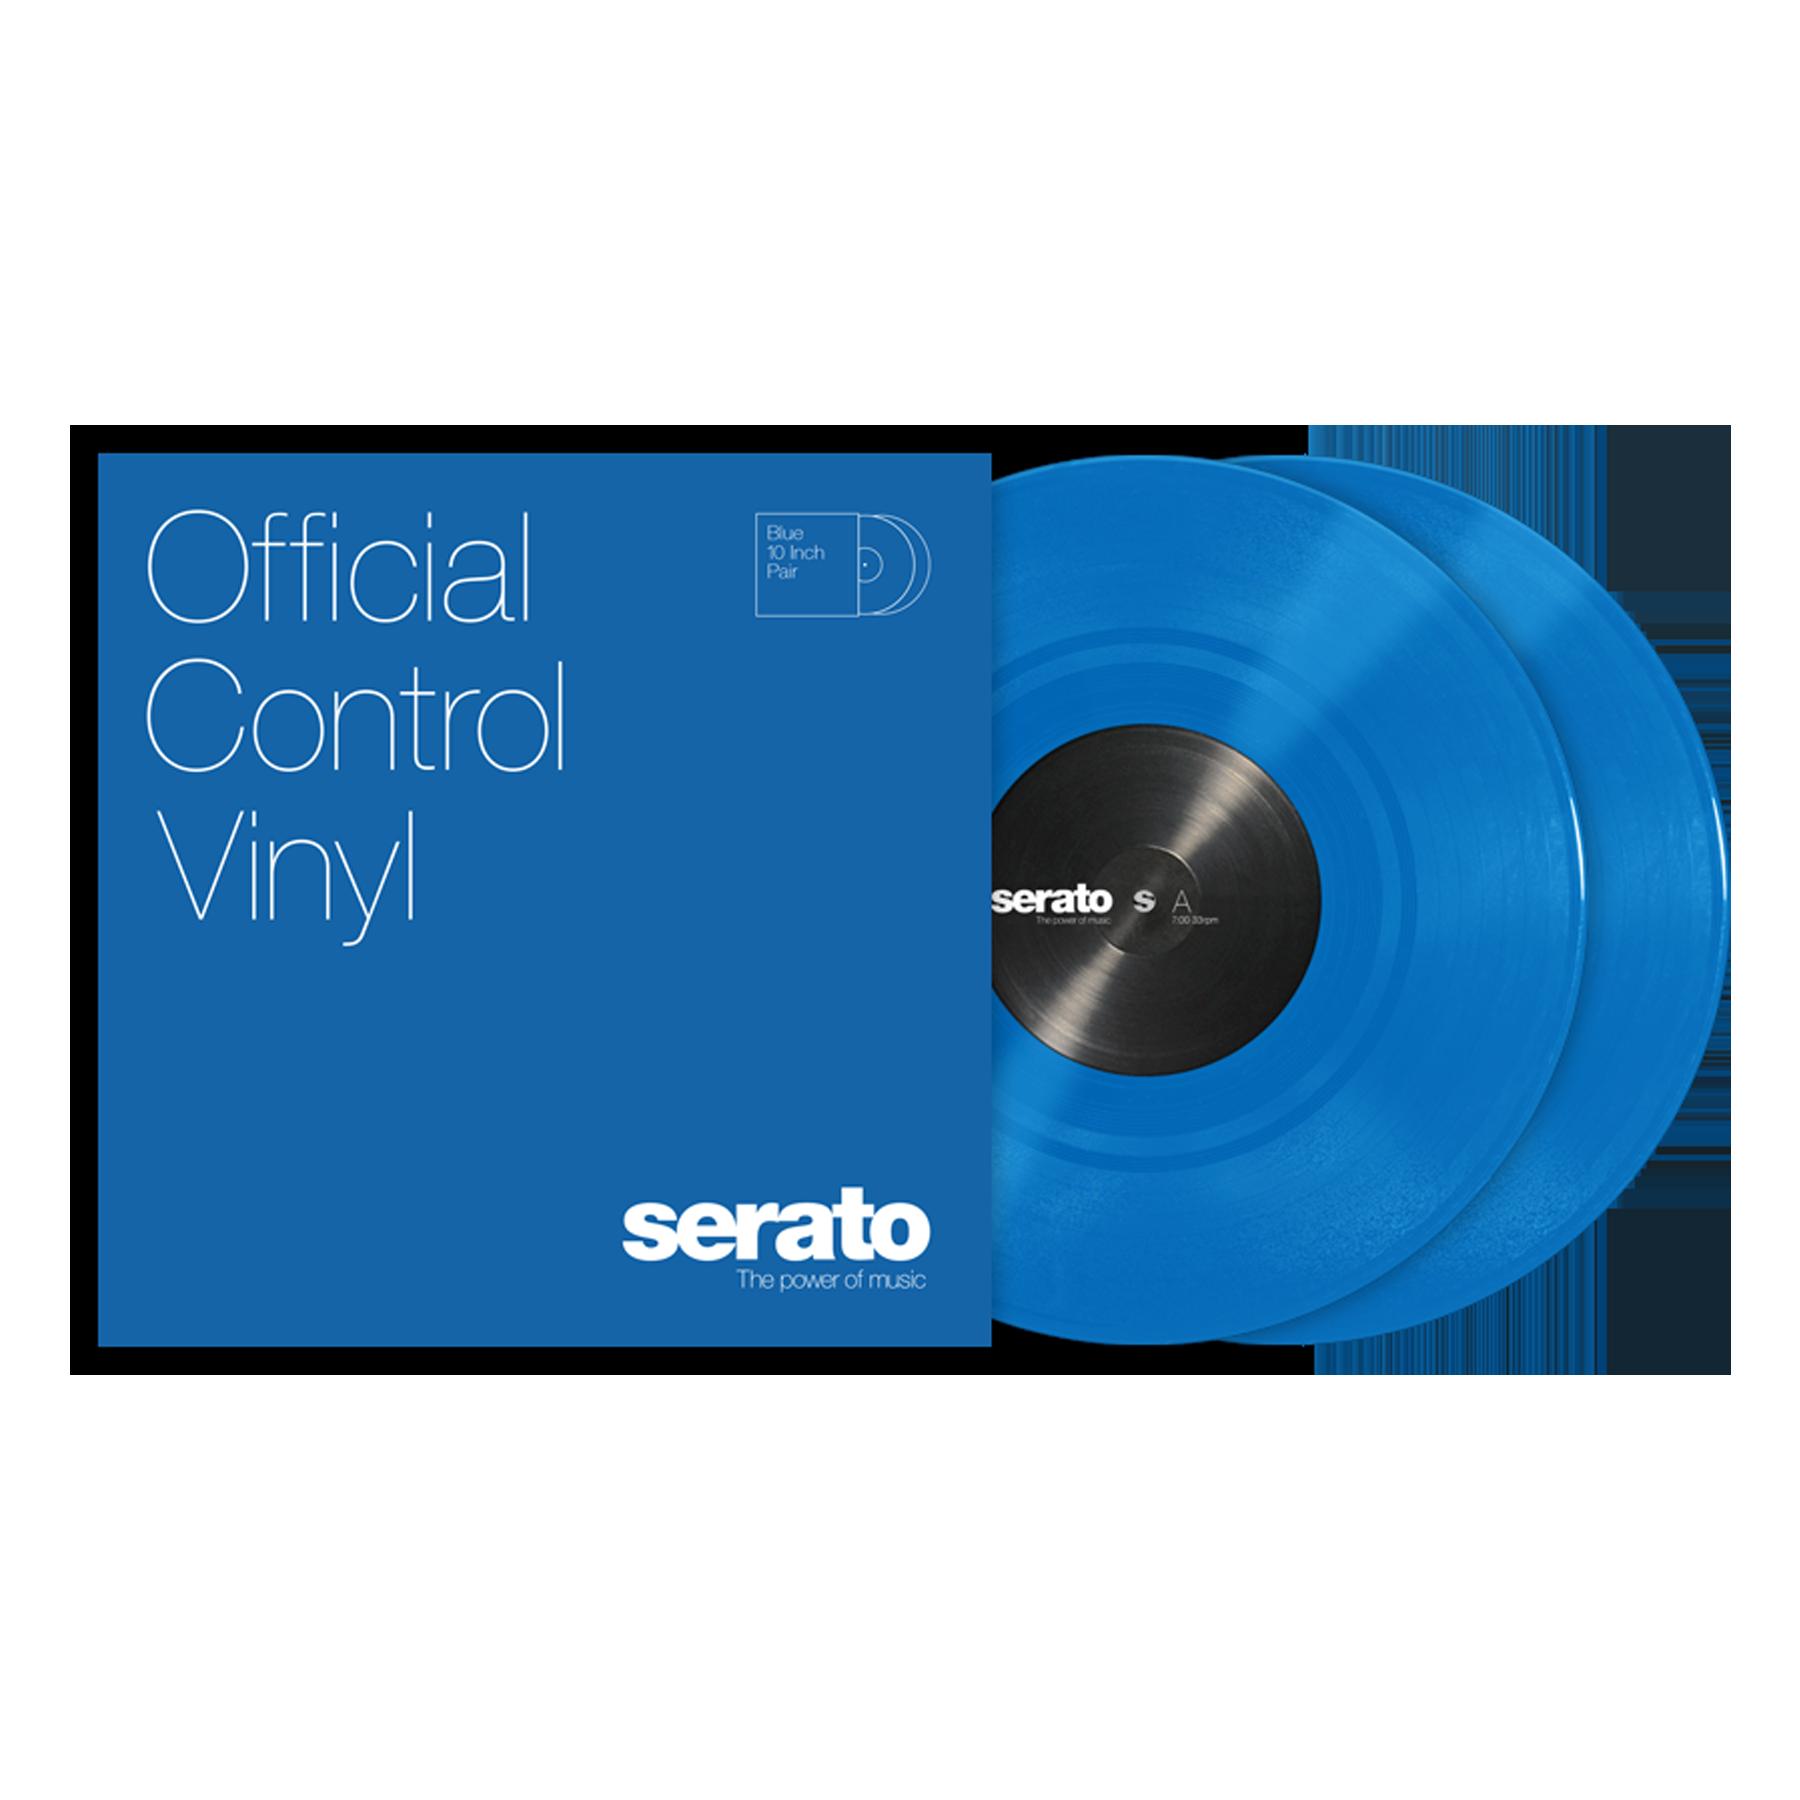 SERATO SCV-PS-BLU-10 10″ SERATO STANDARD COLORS BLUE